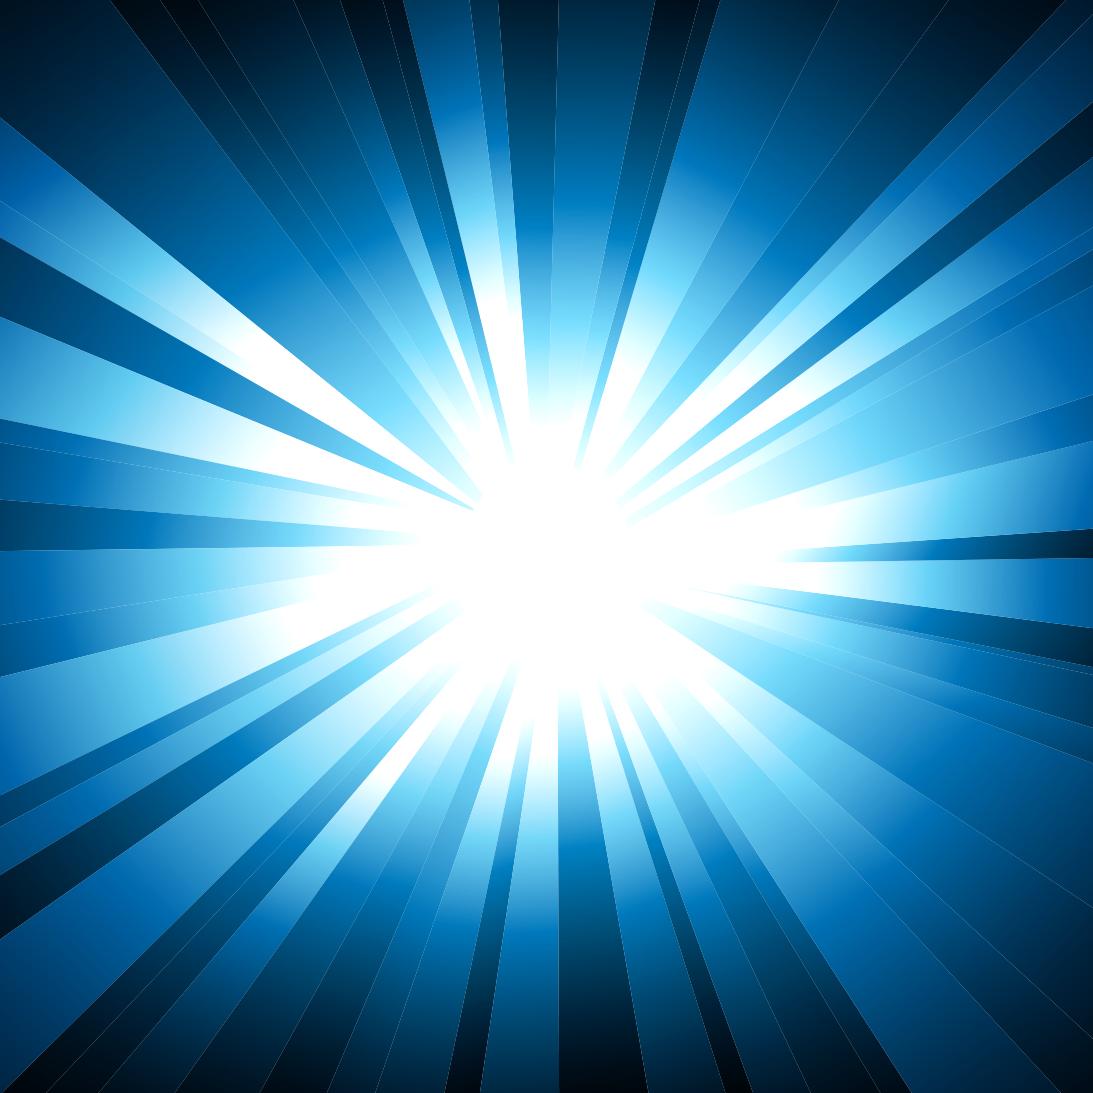 blue-burst-2.png